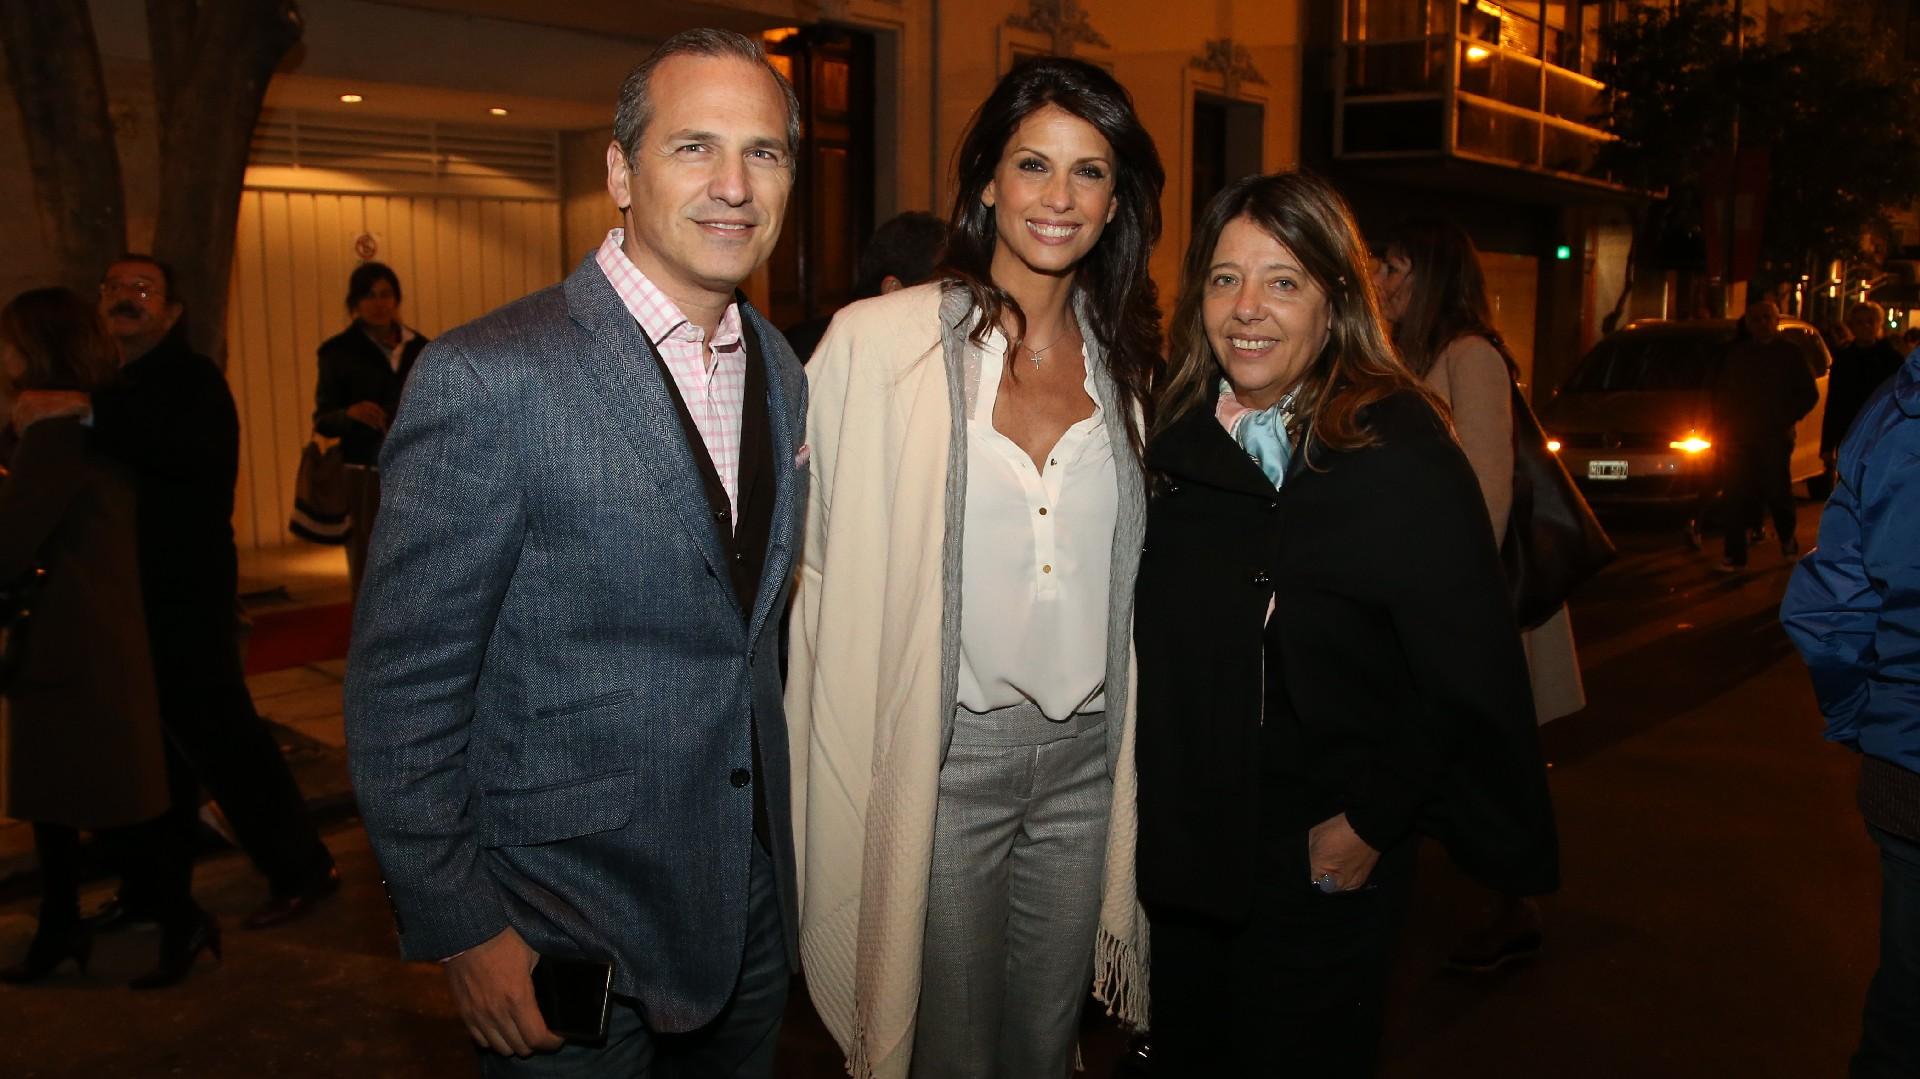 Javier Iturrioz, Analía Maiorana y María Claudia Pedrayes